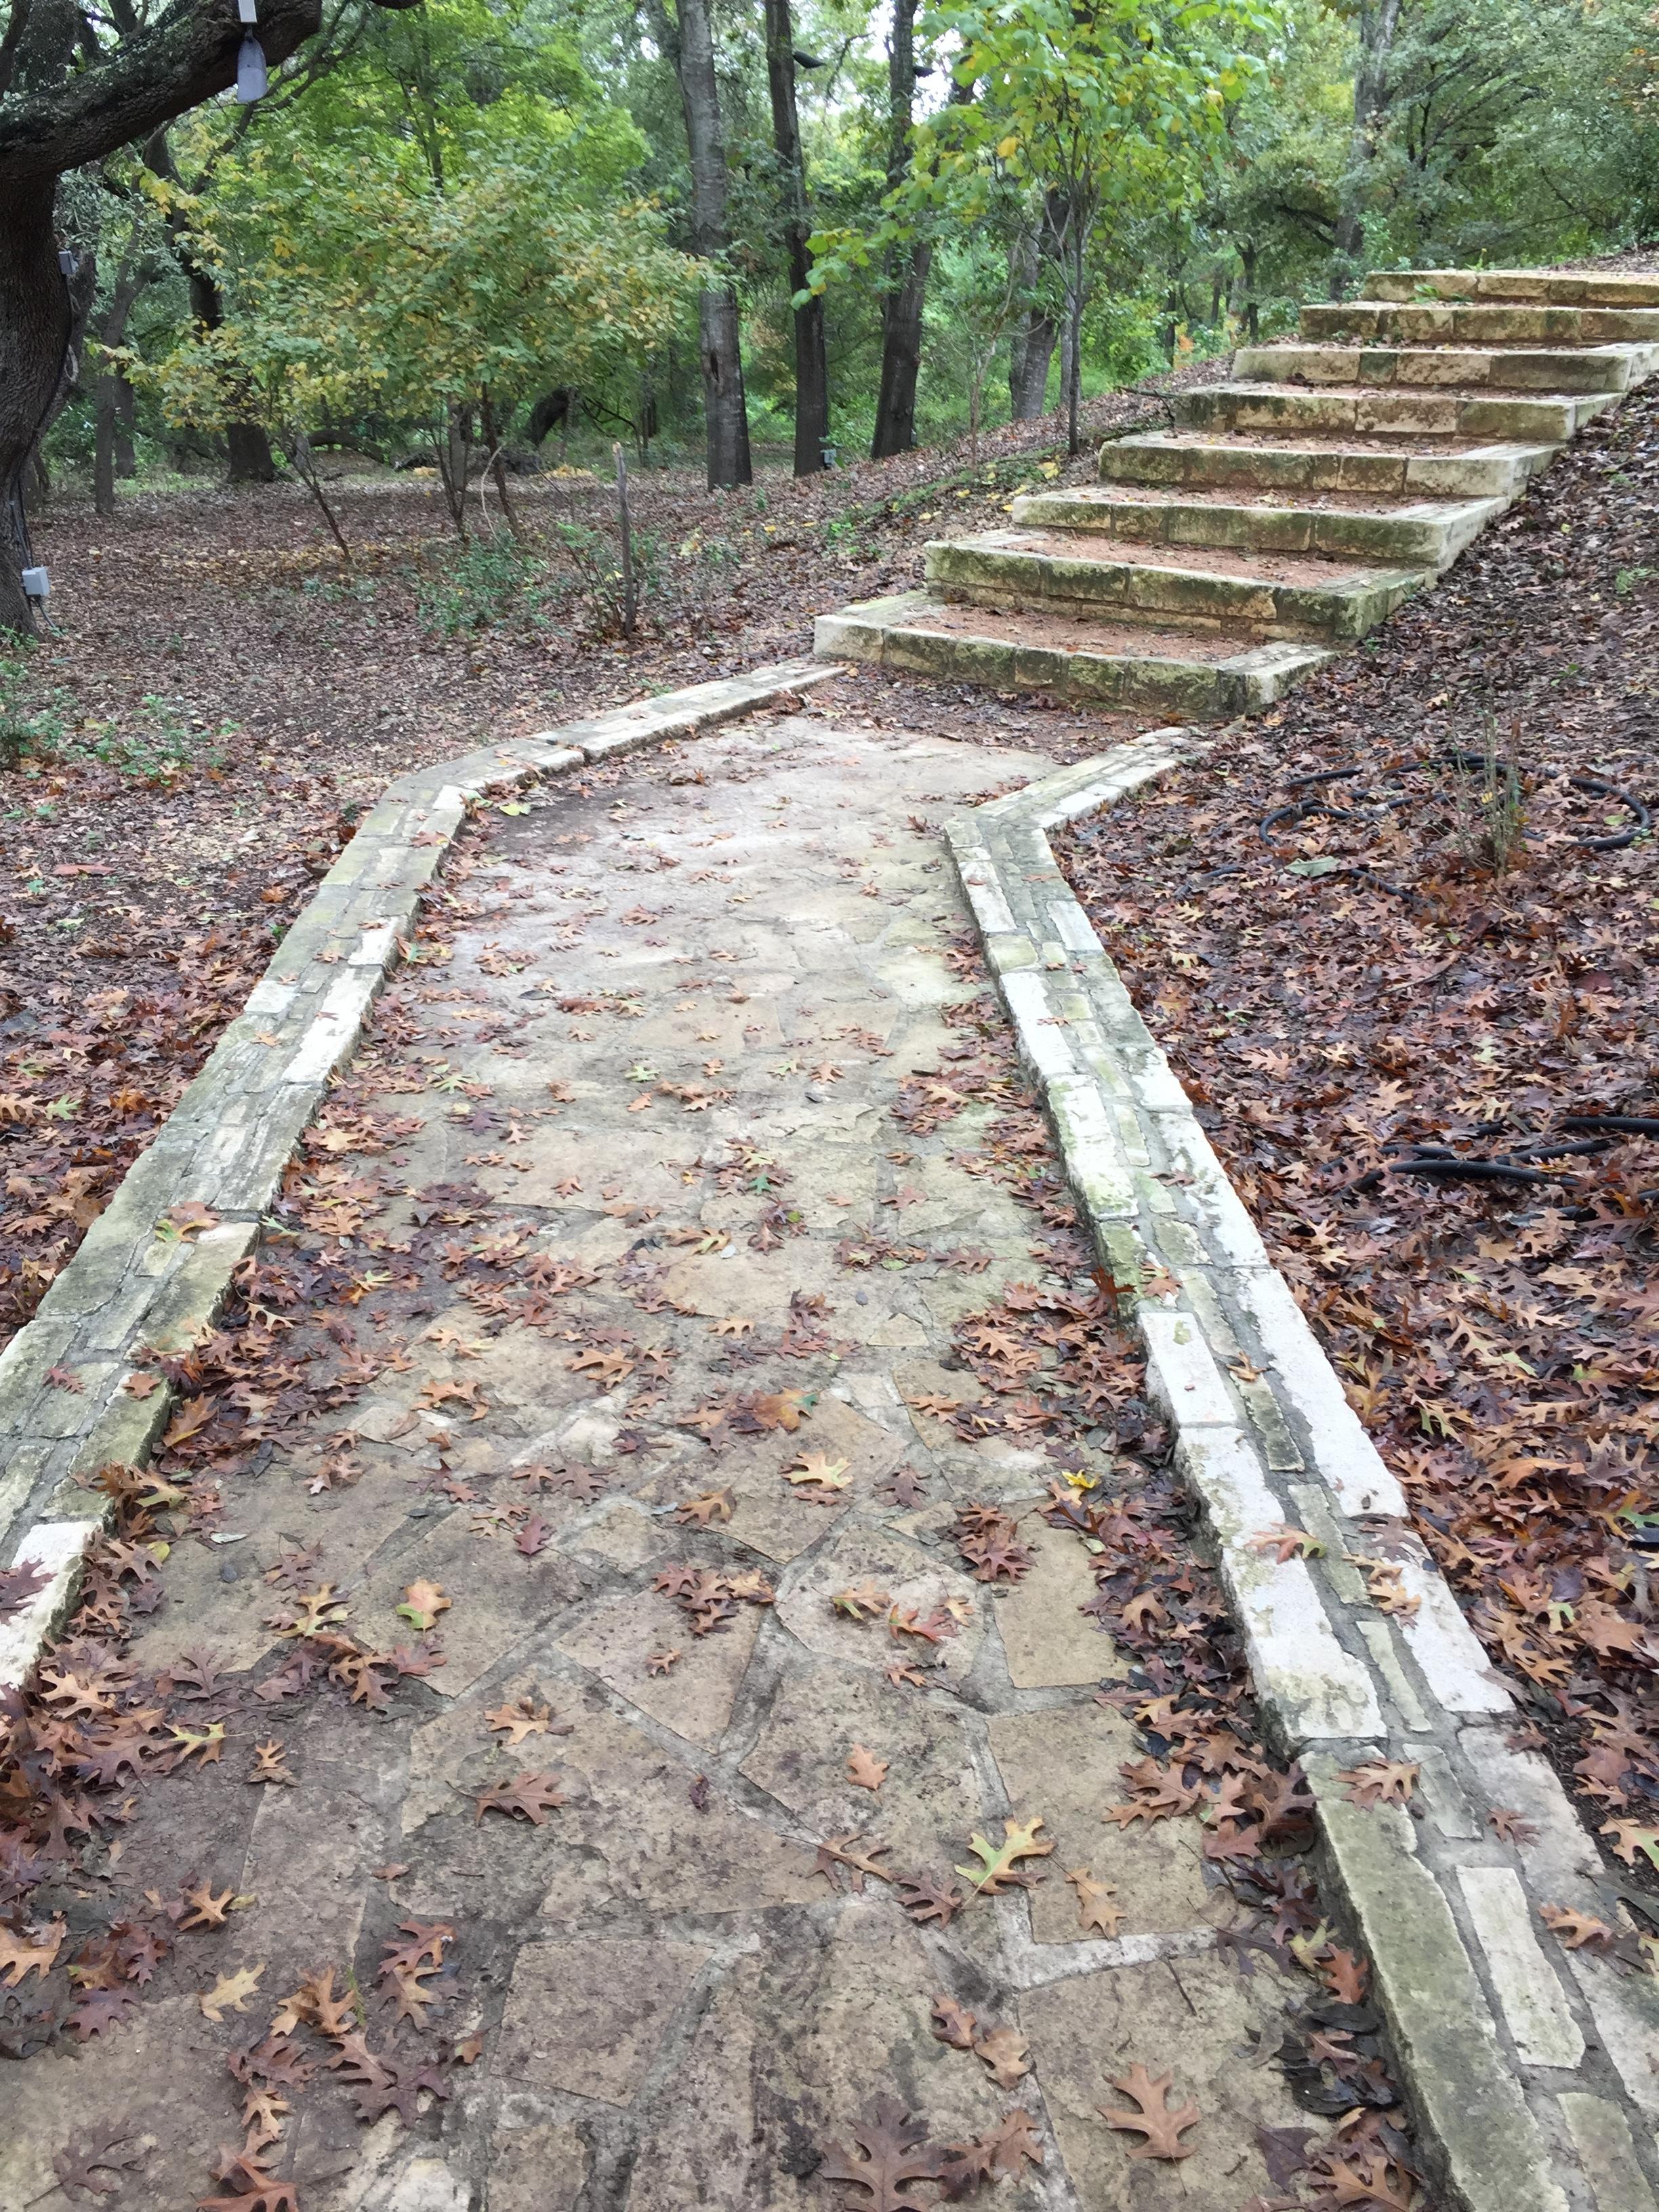 denmanestatepark-stairway